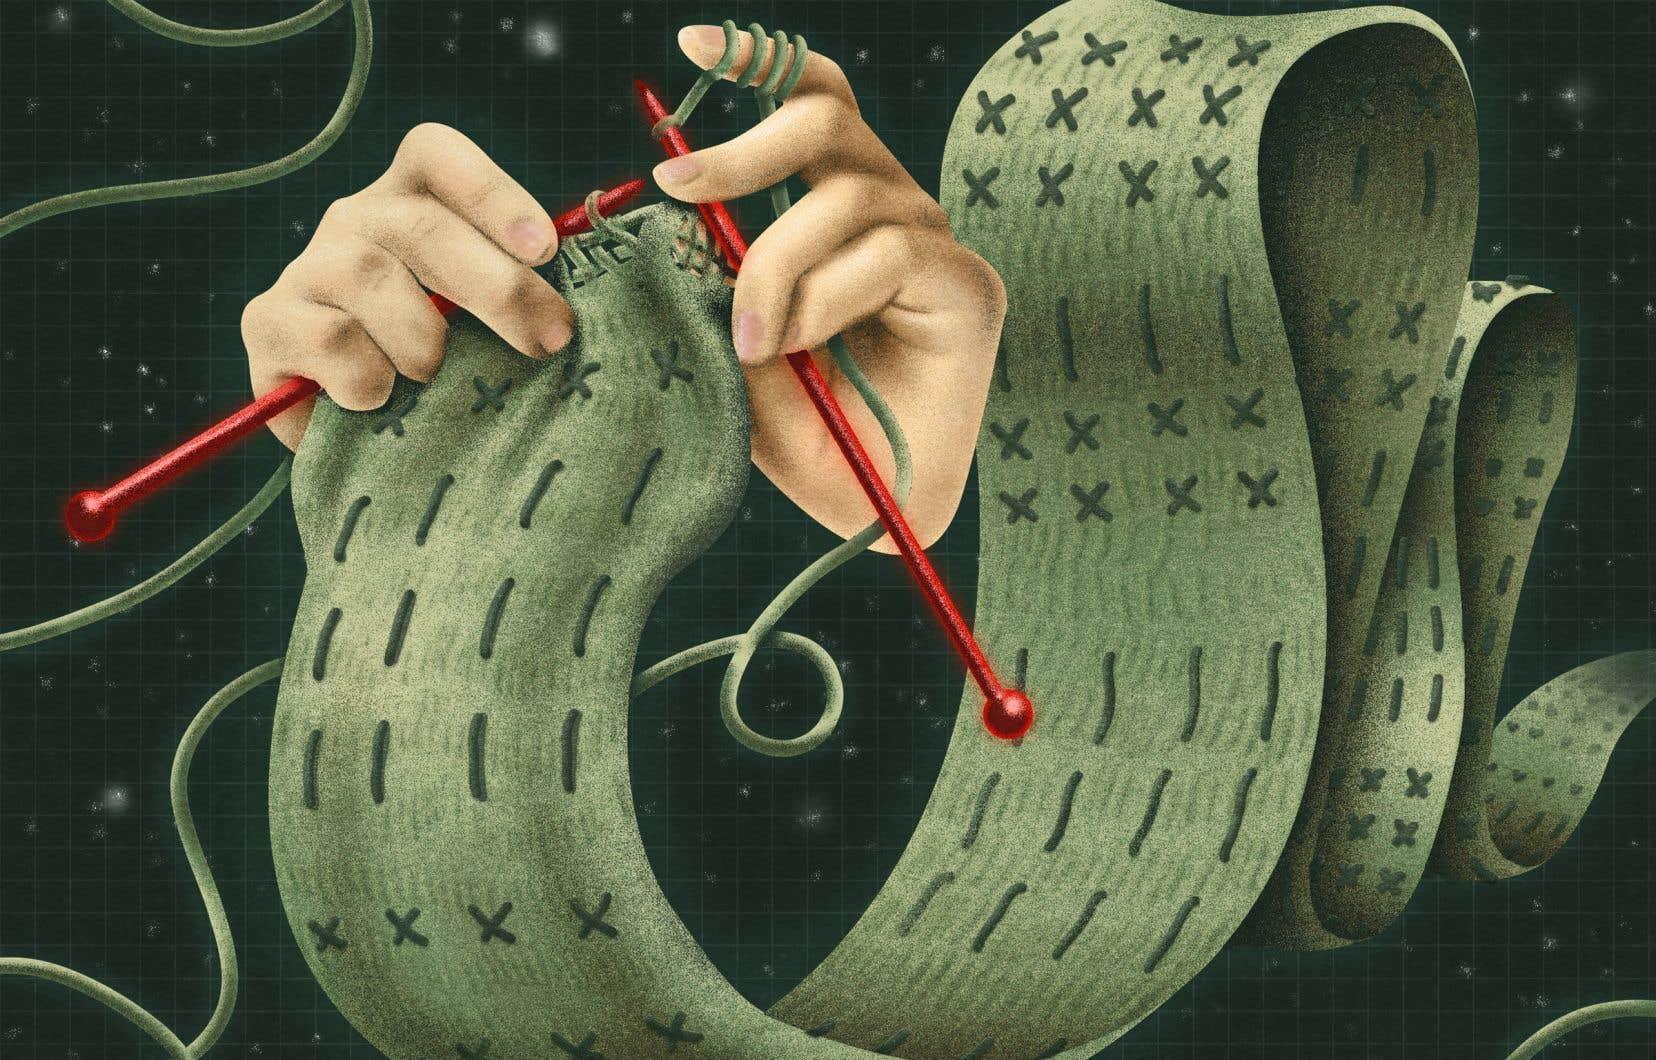 «Dans la laine kaki destinée aux soldats, elle avait tricoté un foulard aussi long que lui, large comme deux mains ouvertes, mais aux mailles et aux points irréguliers, comme si elle s'était essayée pour la première fois à faire de la dentelle (...)»